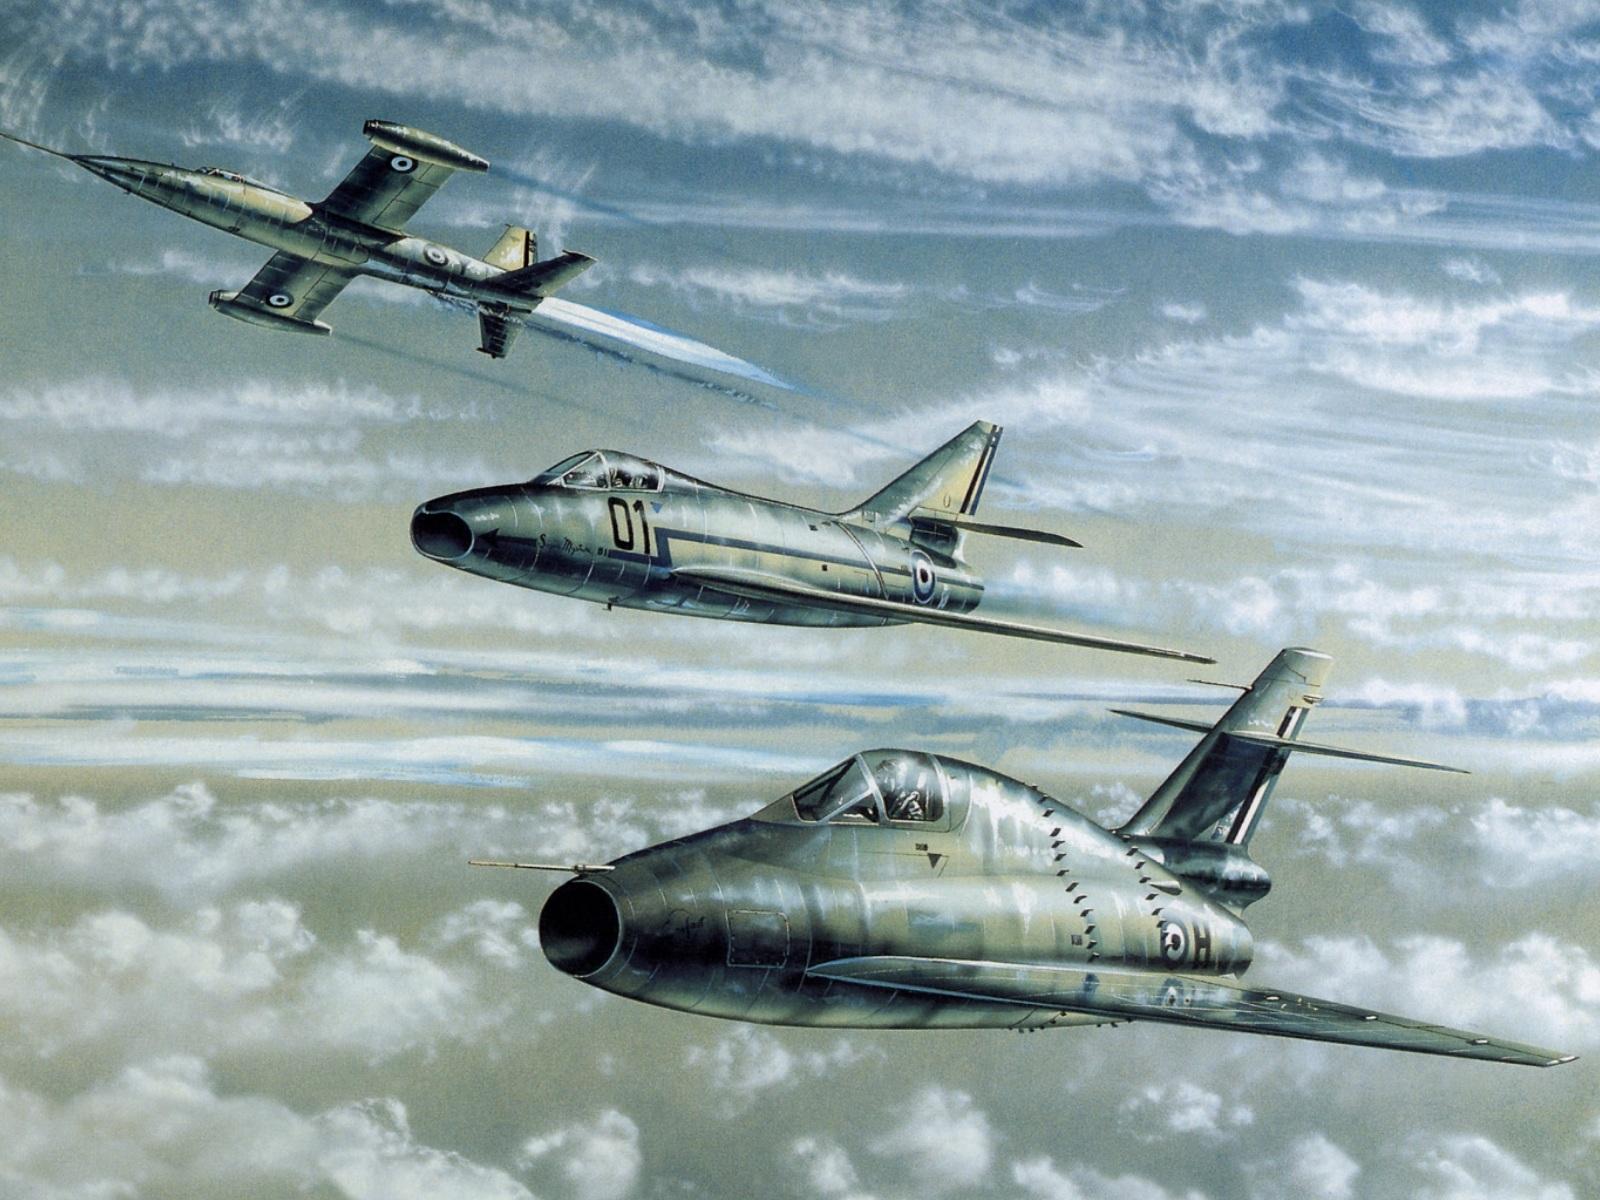 реактивные самолеты, обои